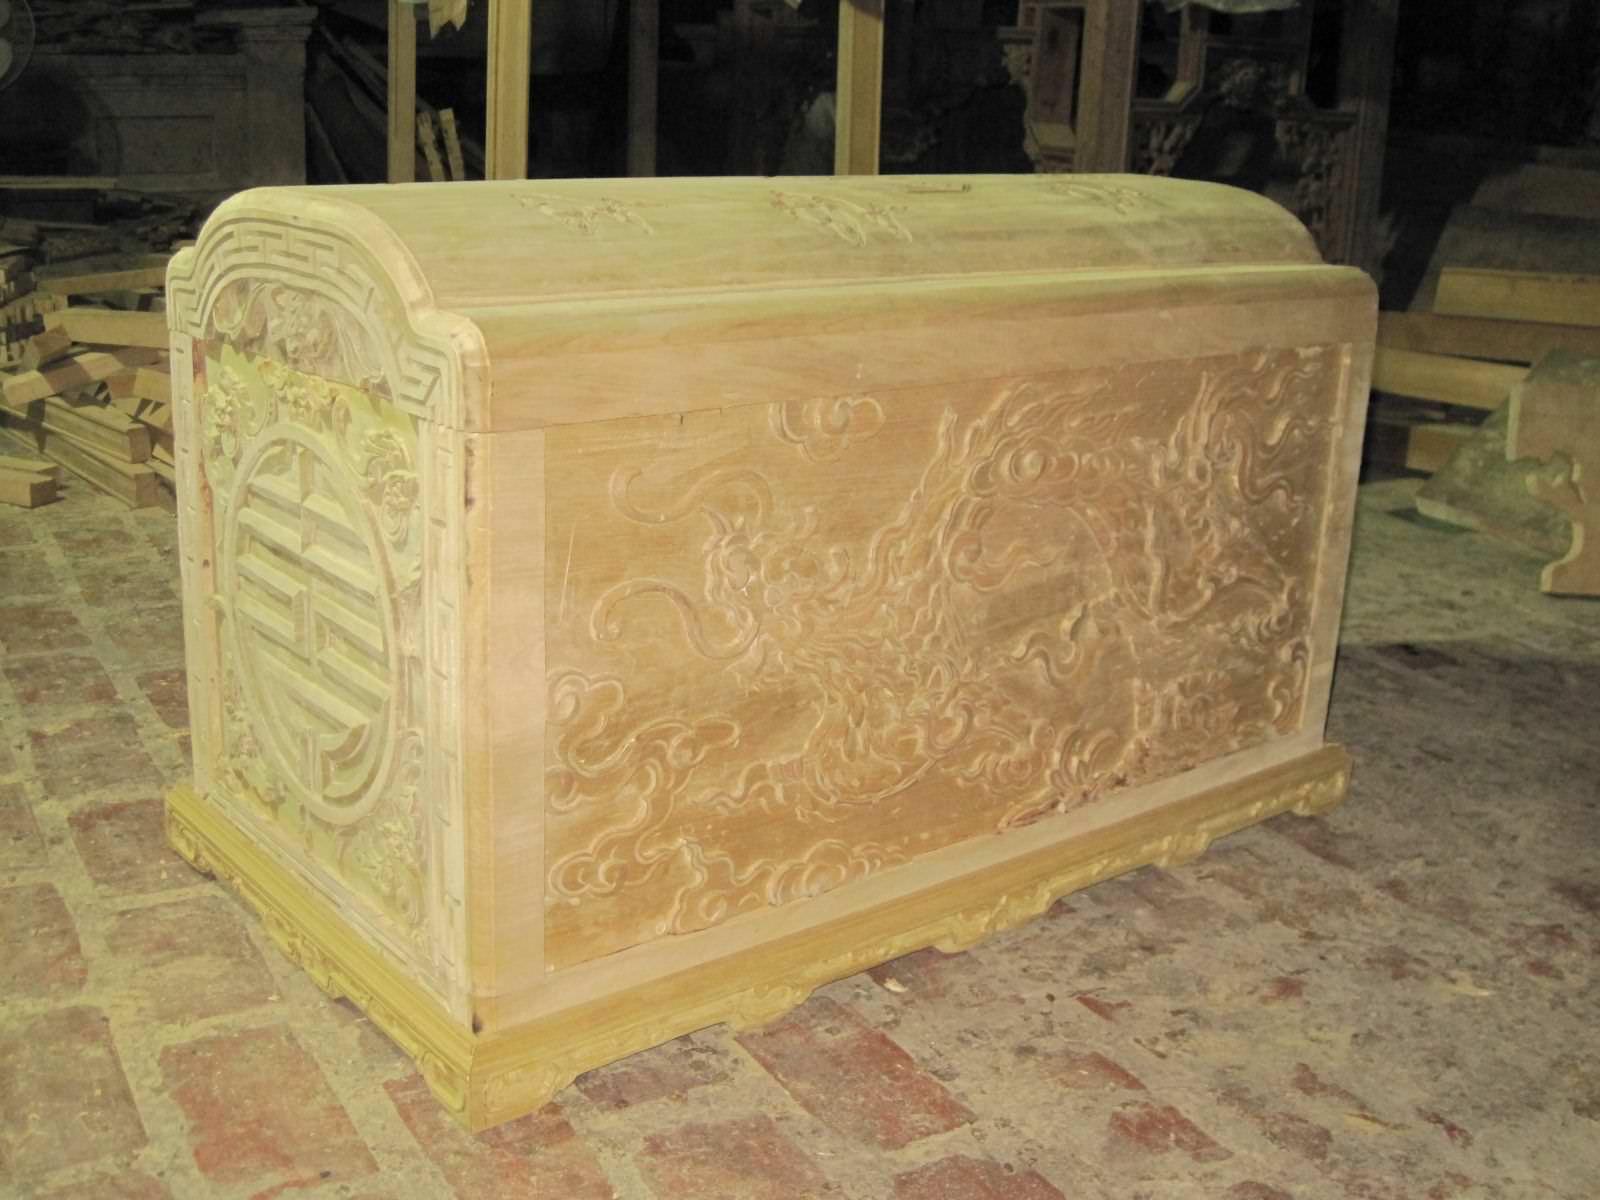 gỗ làm quách đều được Gỗ Vượng lựa chọn rất kỹ từ chất lượng đến màu sắc